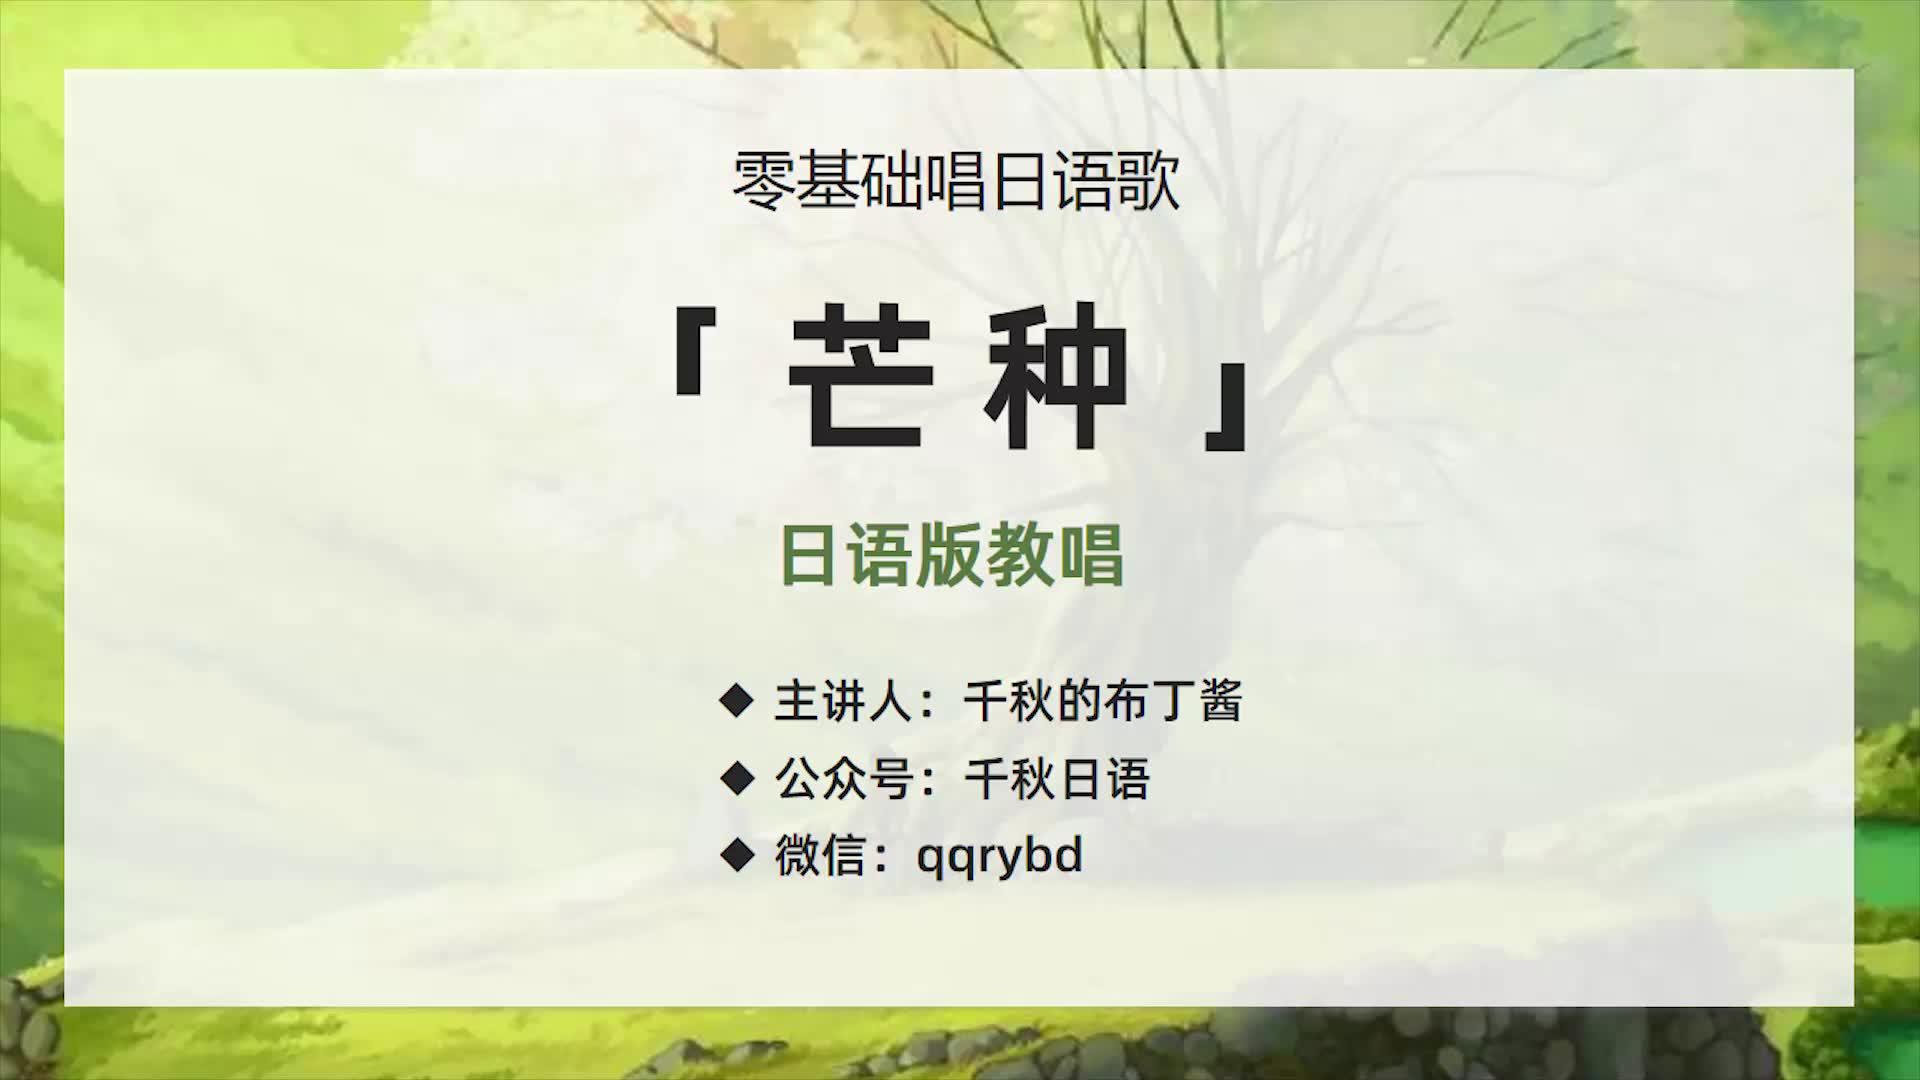 生僻 字 日语 版